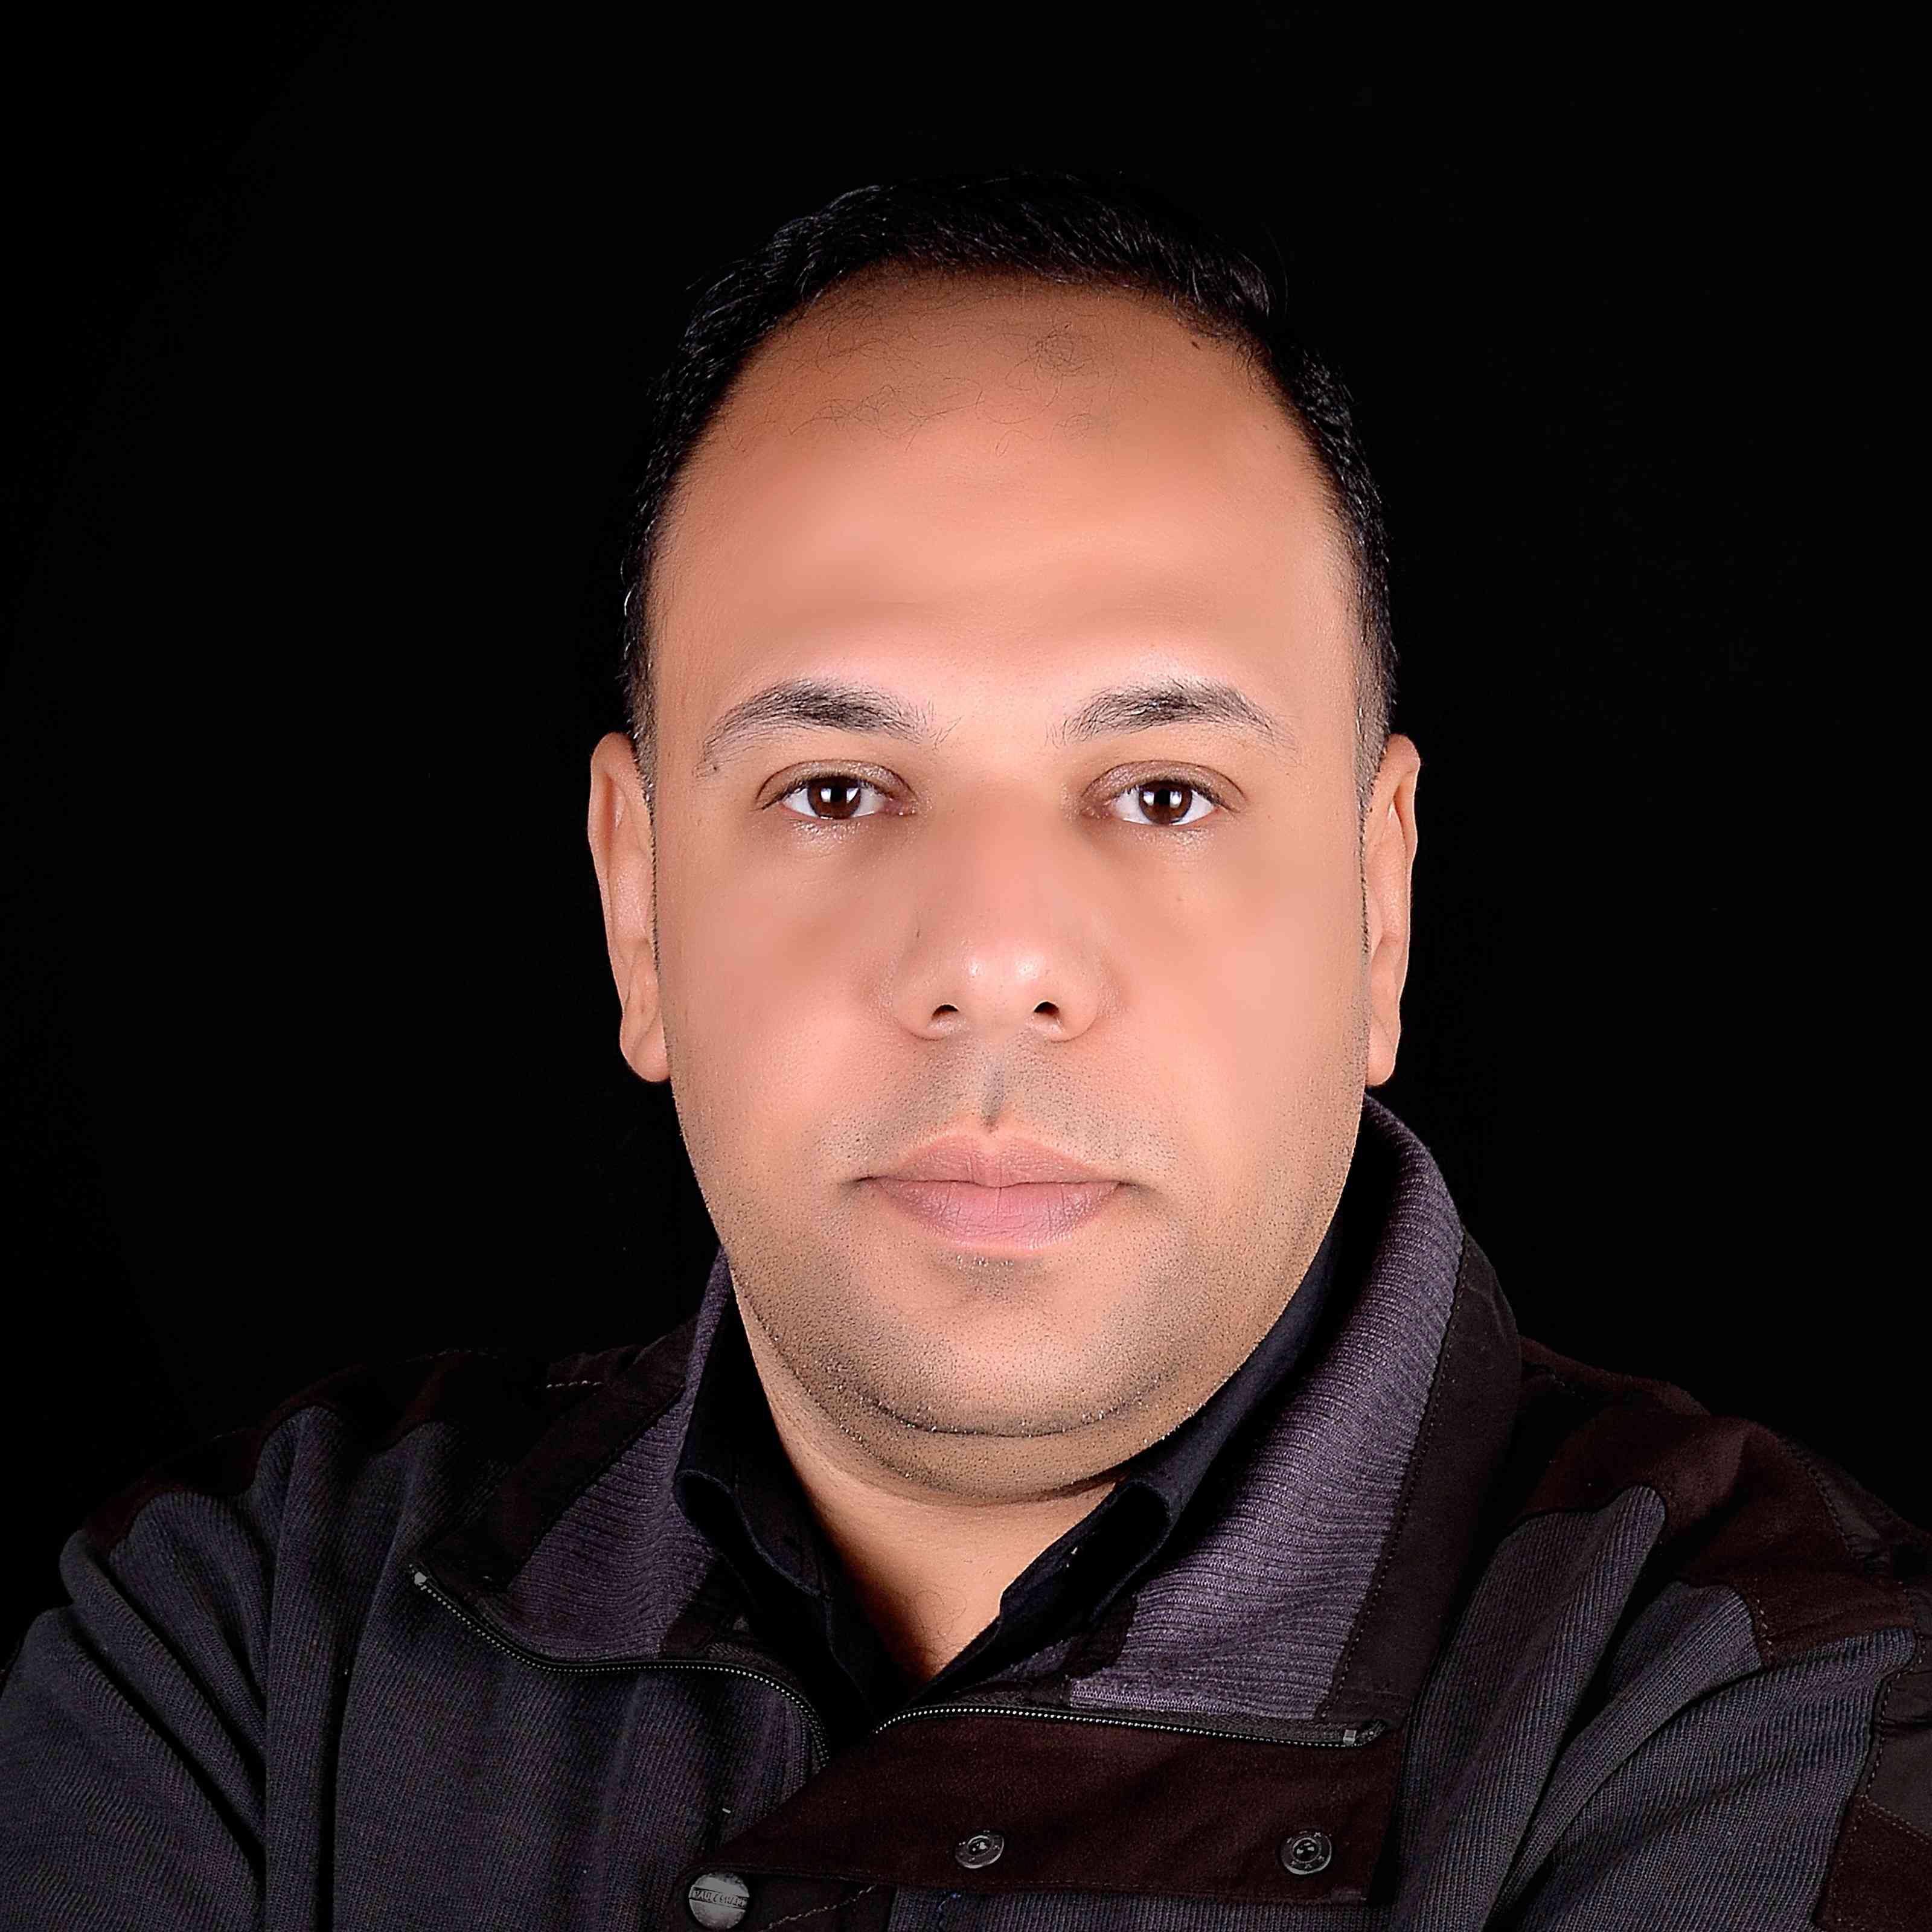 دكتور عماد المهندس